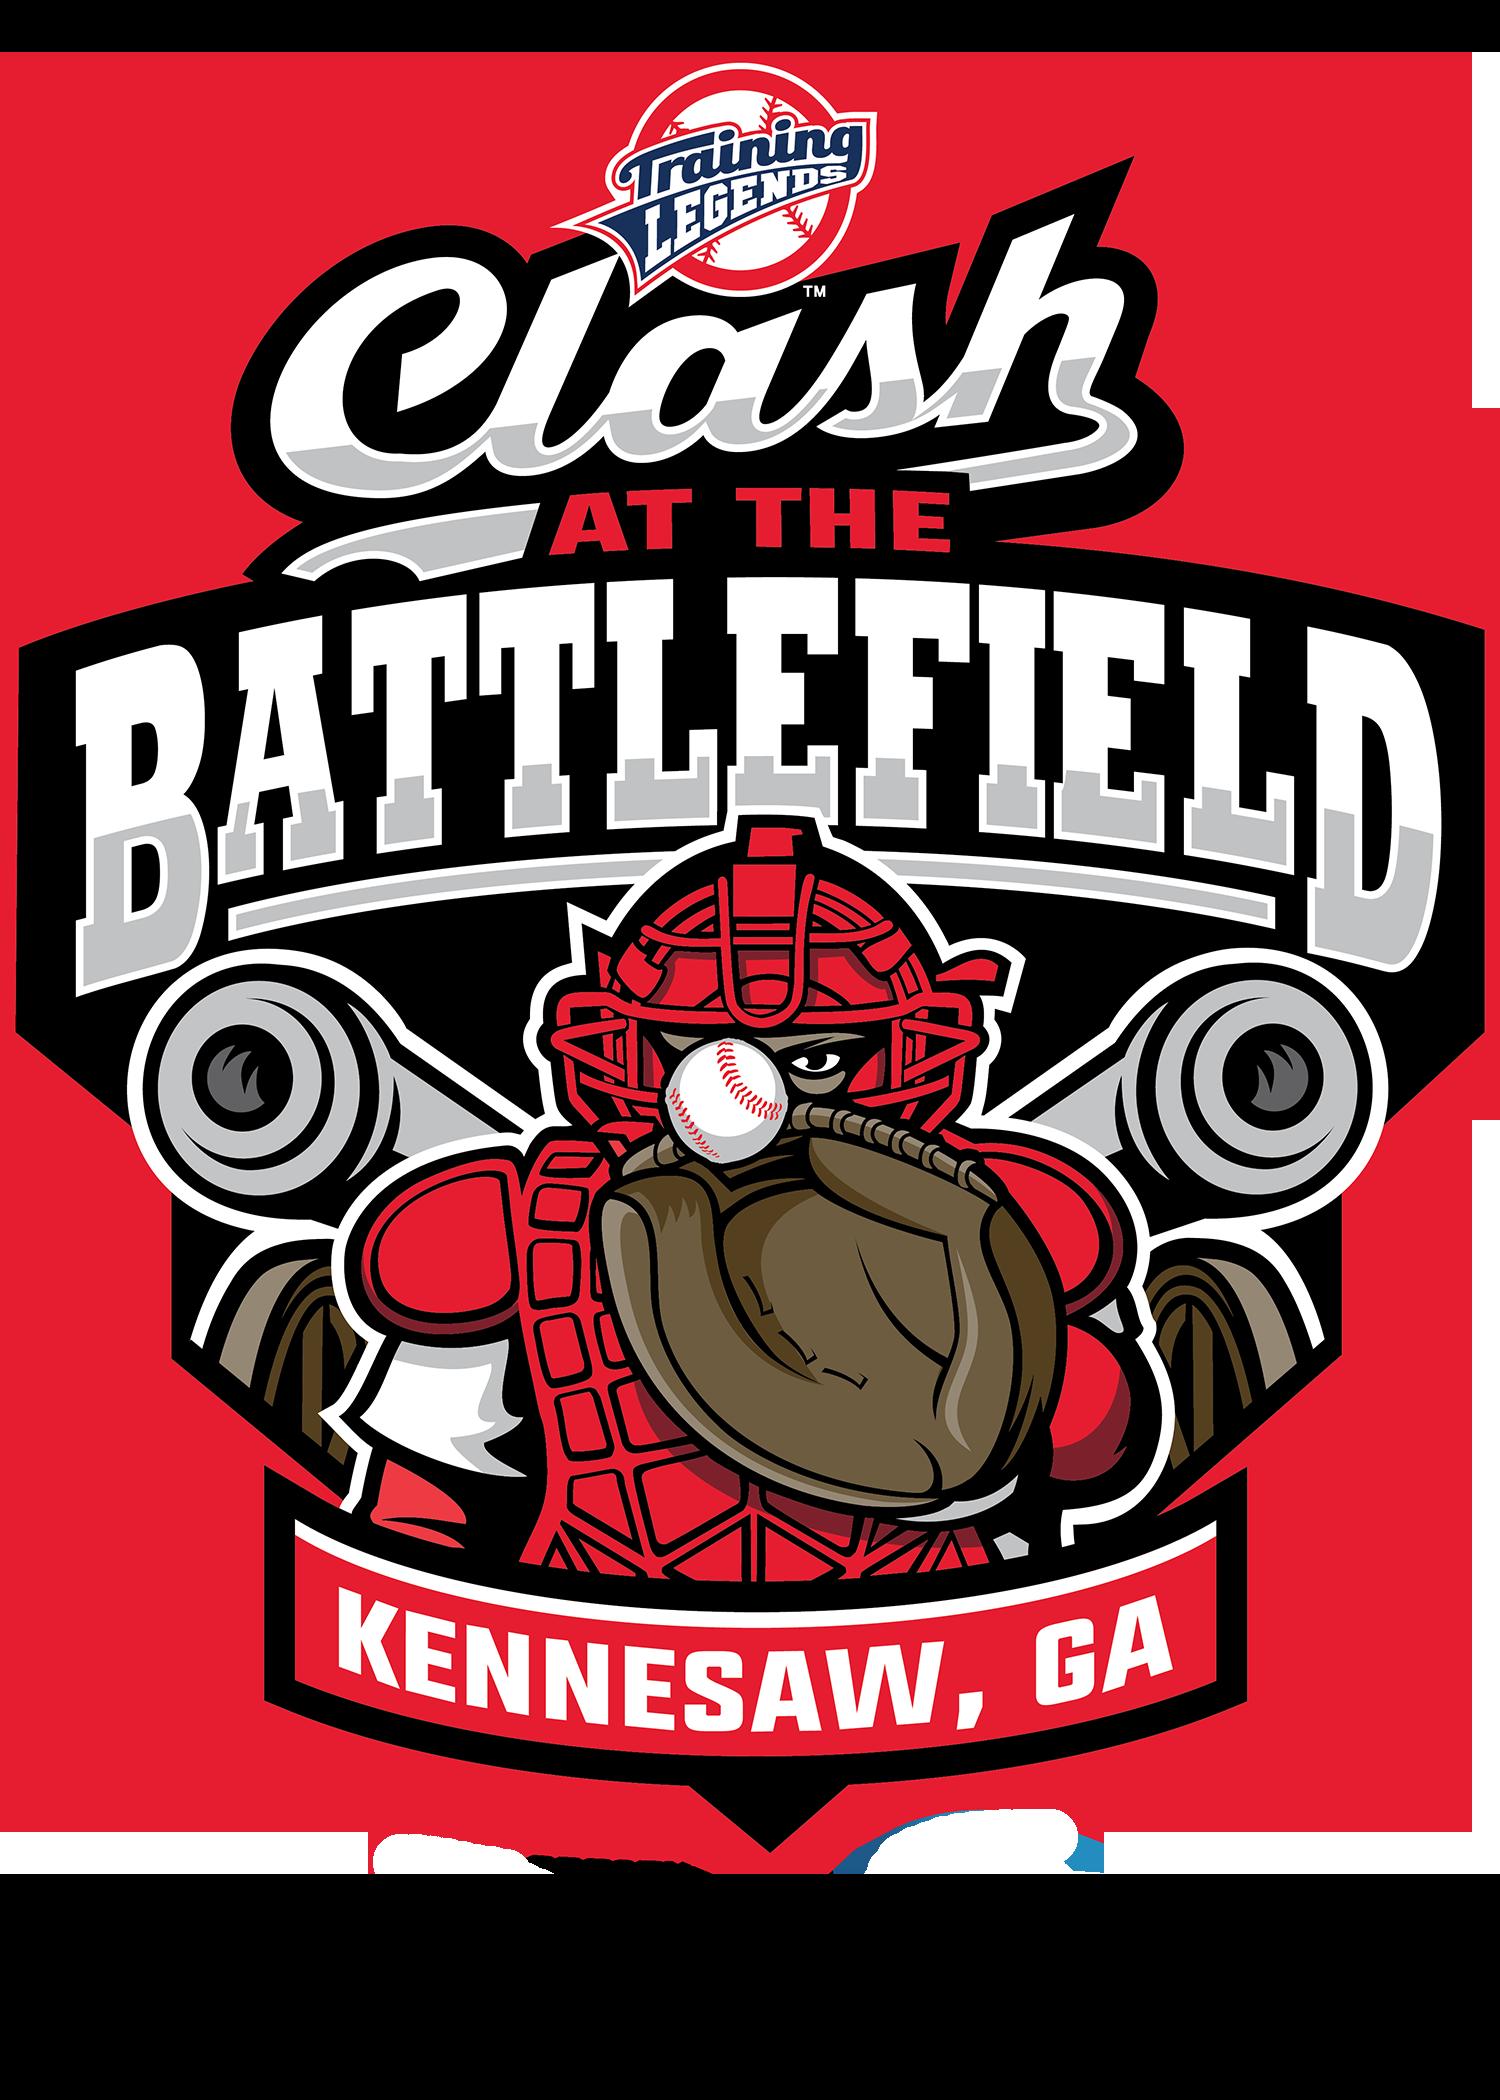 ClashAtBattle